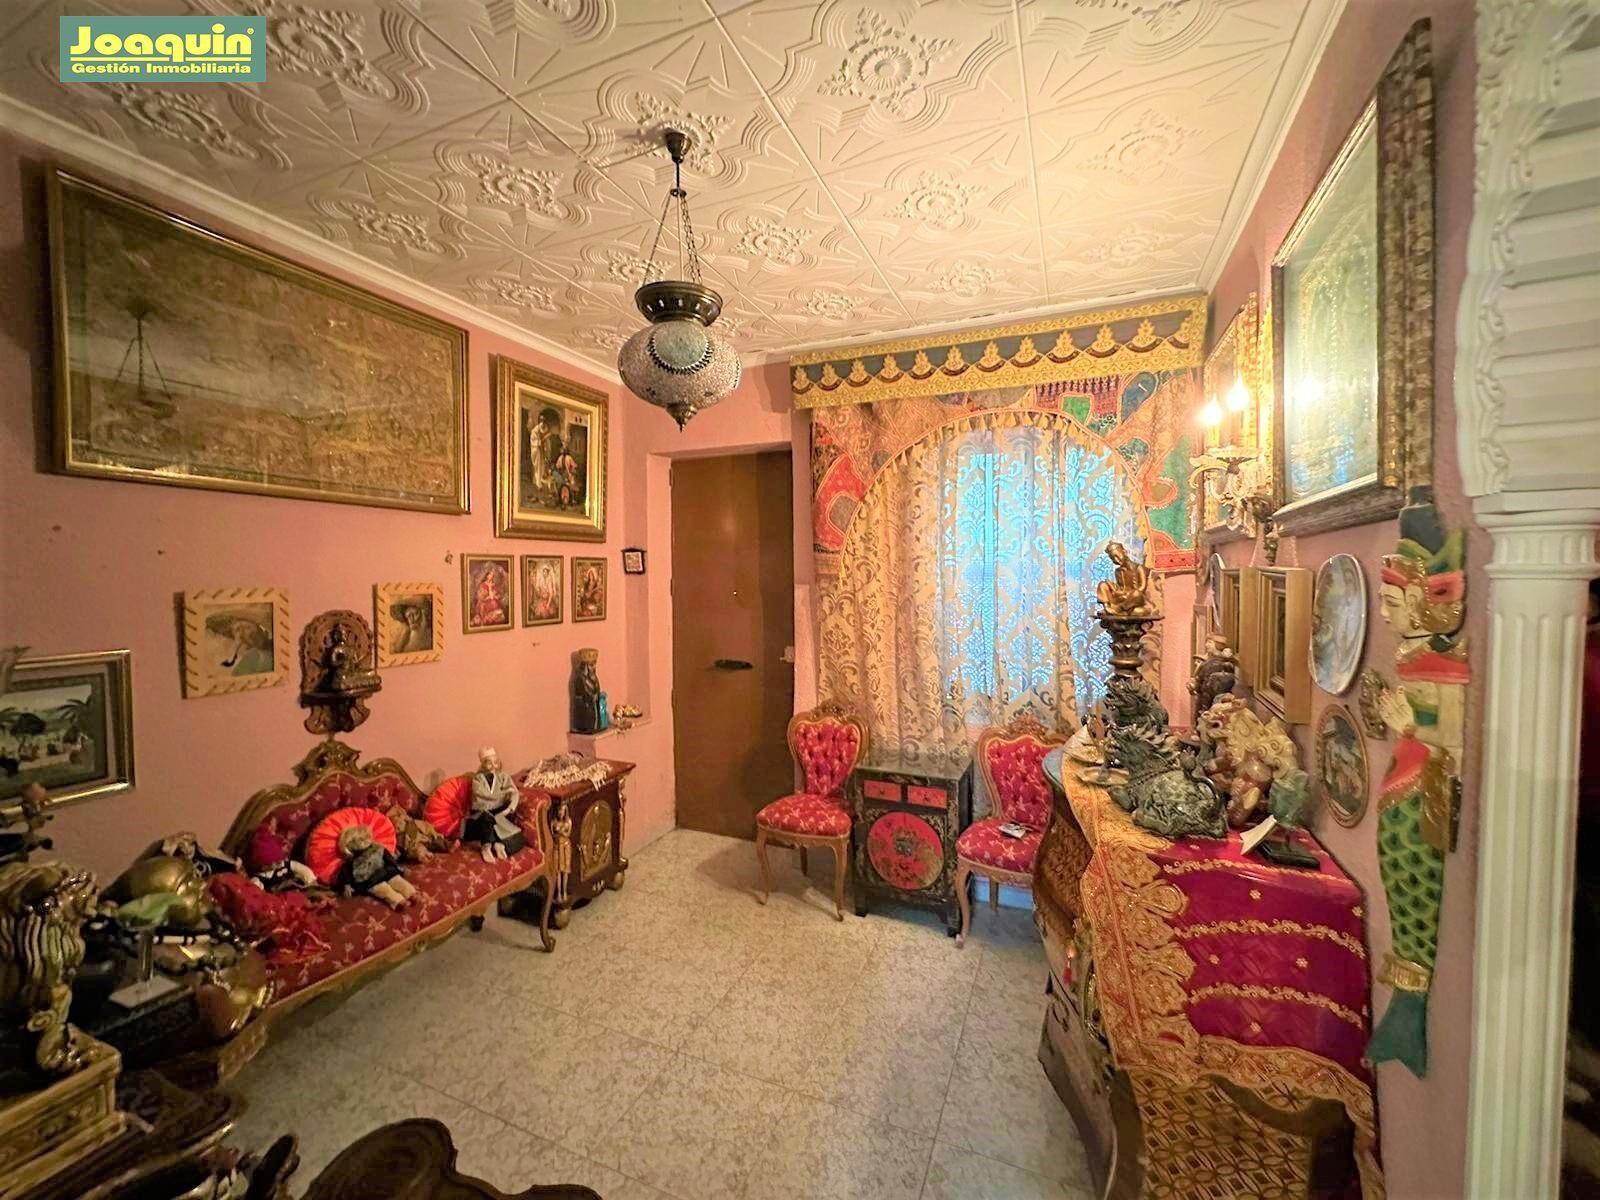 Vivienda  La Magdalena Córdoba | Inmobiliaria Joaquín